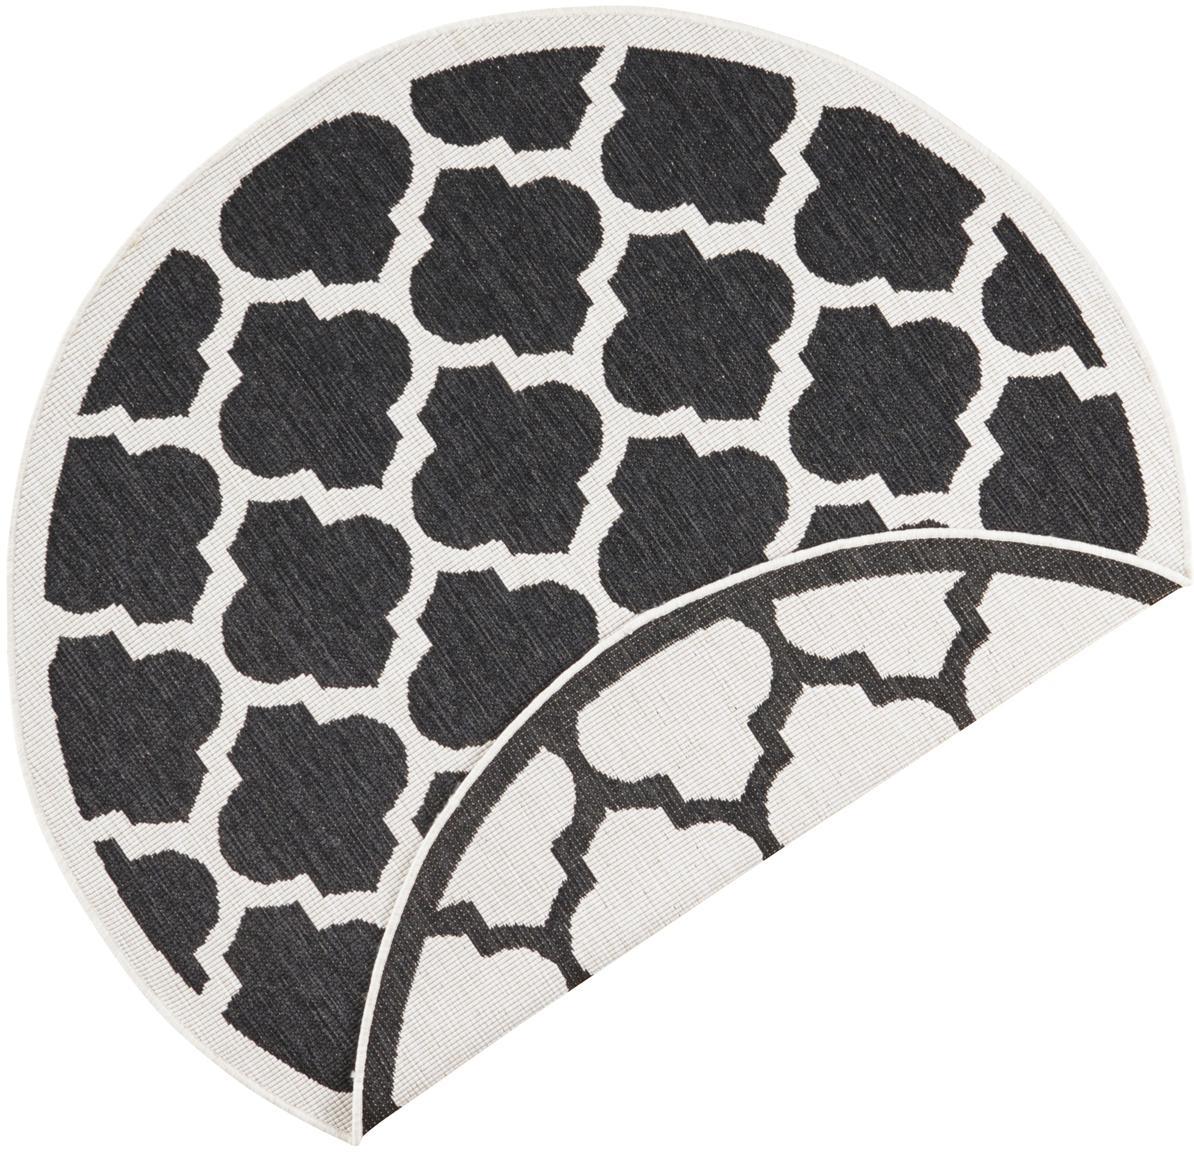 Okrągły dwustronny dywan wewnętrzny/zewnętrzny Palermo, Czarny, kremowy, Ø 200 cm (Rozmiar L)